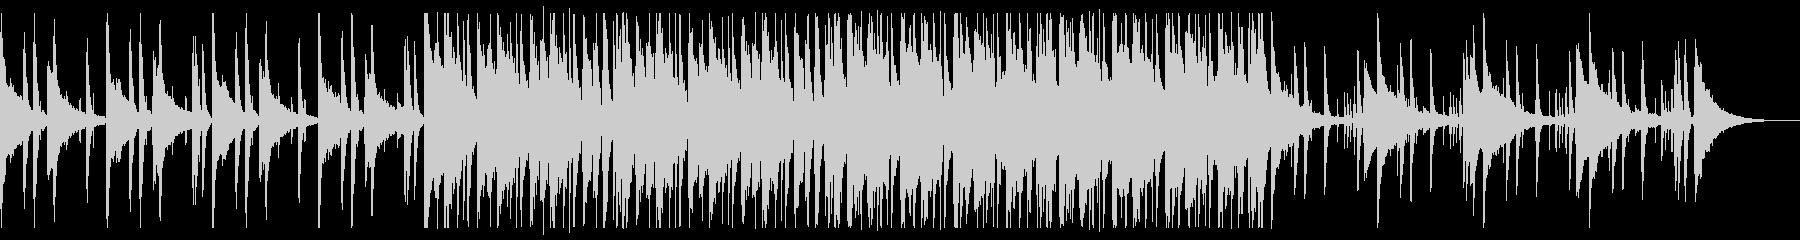 懐かしい雰囲気のチルR&B_3の未再生の波形